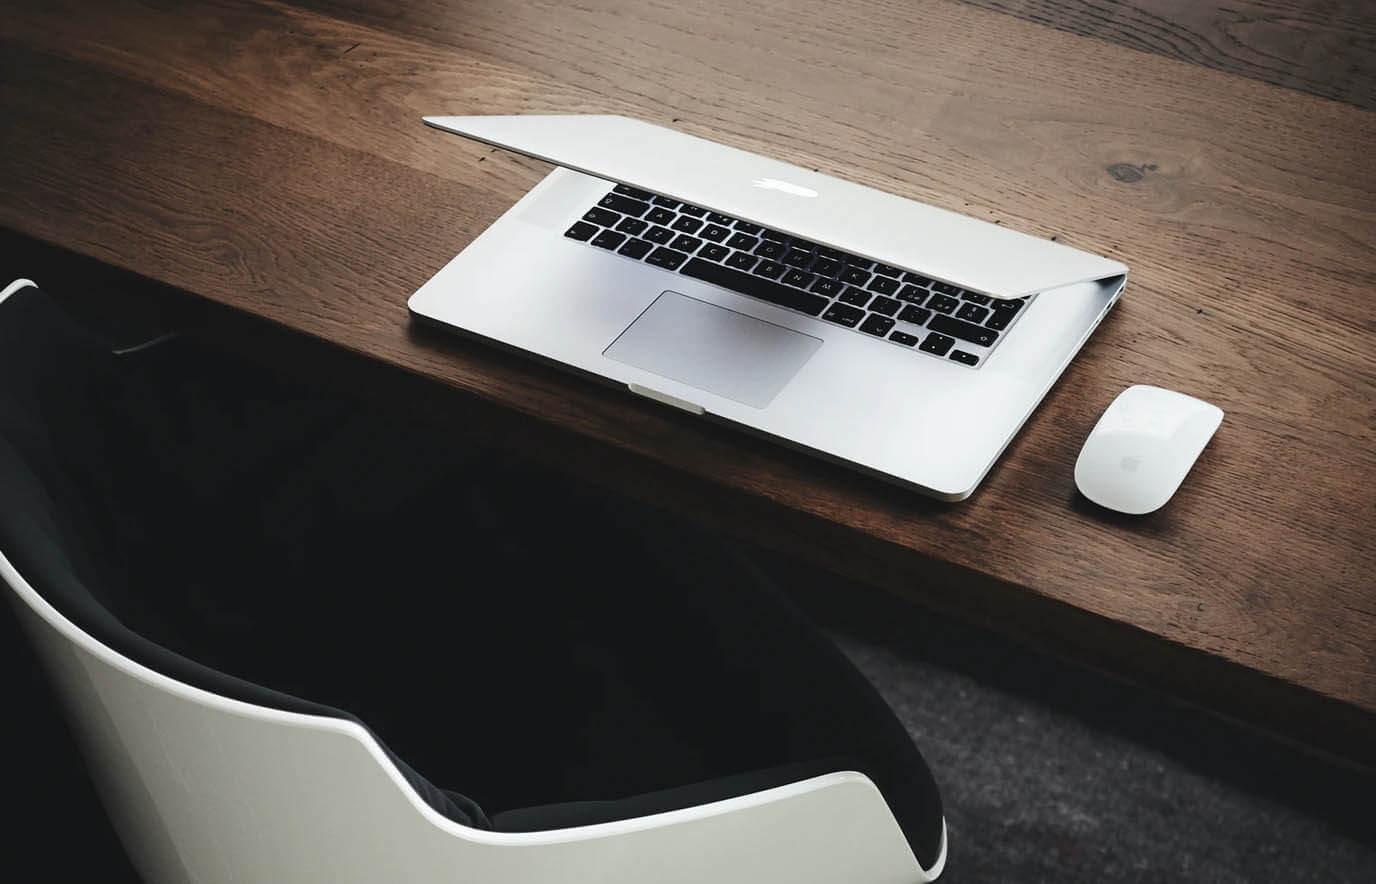 Jouw zakelijke MacBook vind je bij Forza